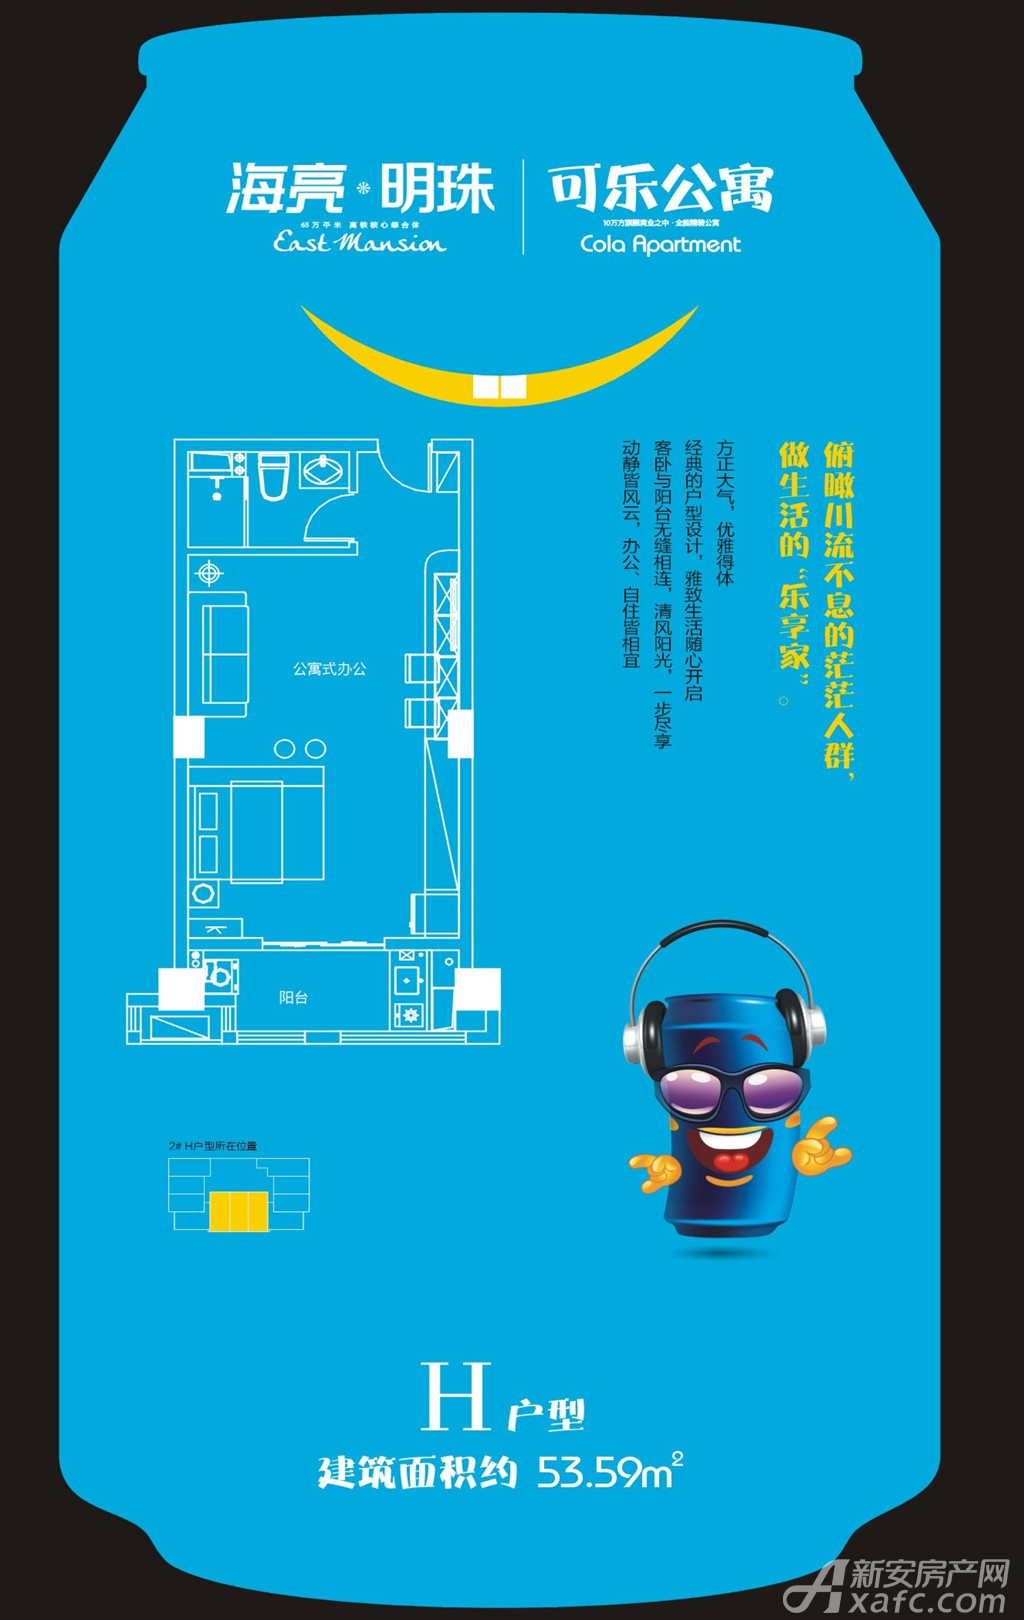 海亮明珠H(公寓)户型1室1厅53.59平米